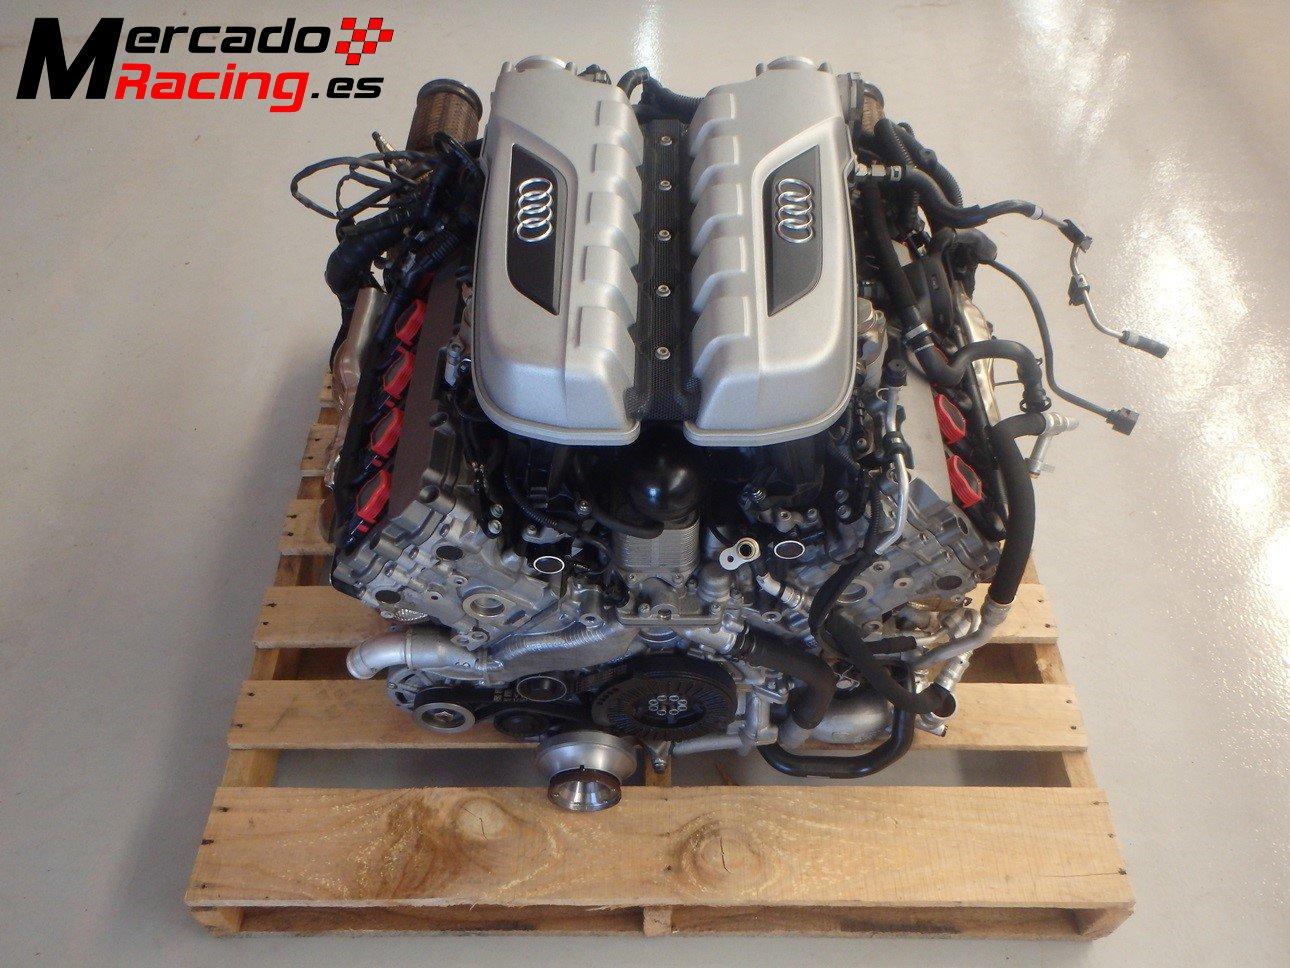 2010 Audi R8 V10 5 2 Fsi Quattro Engine Only 30 960km